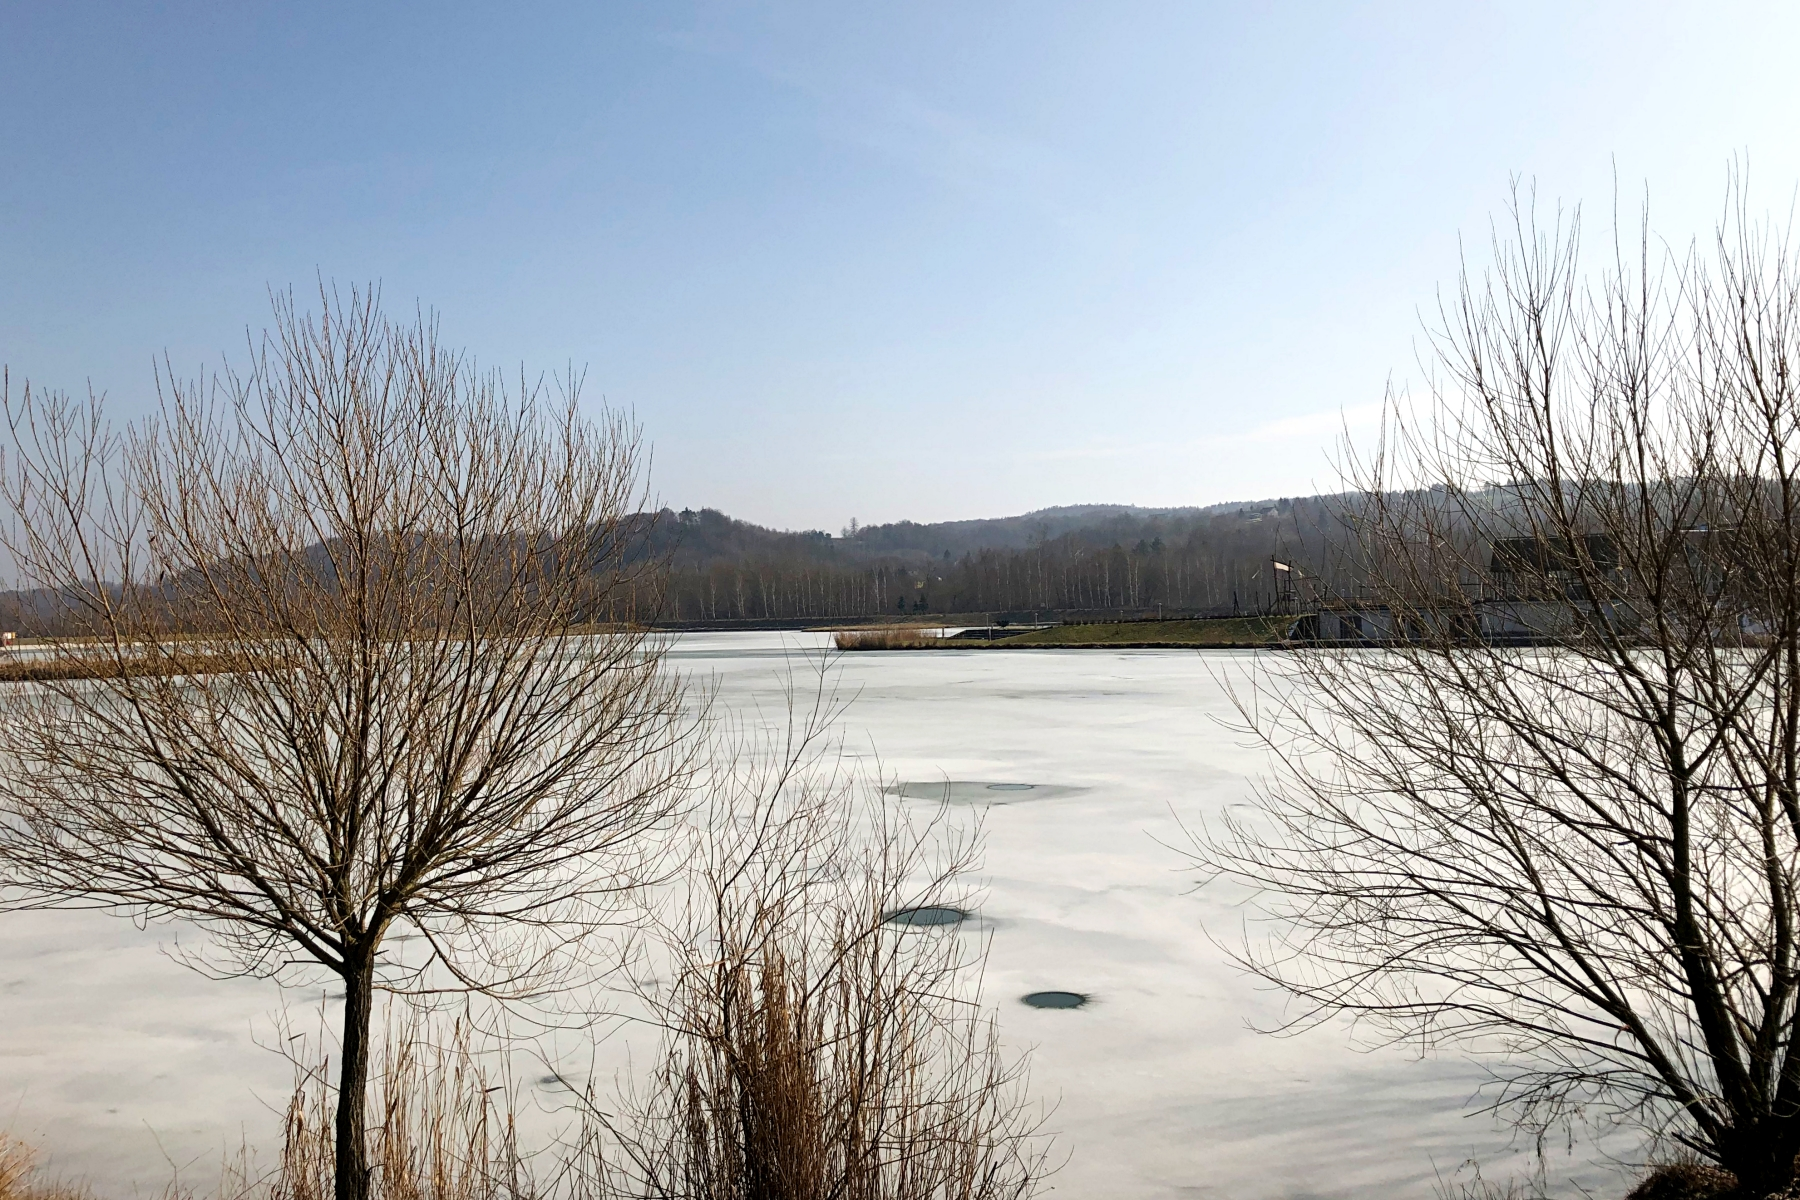 Zimowa przerwa na Łowisku dobiega końca